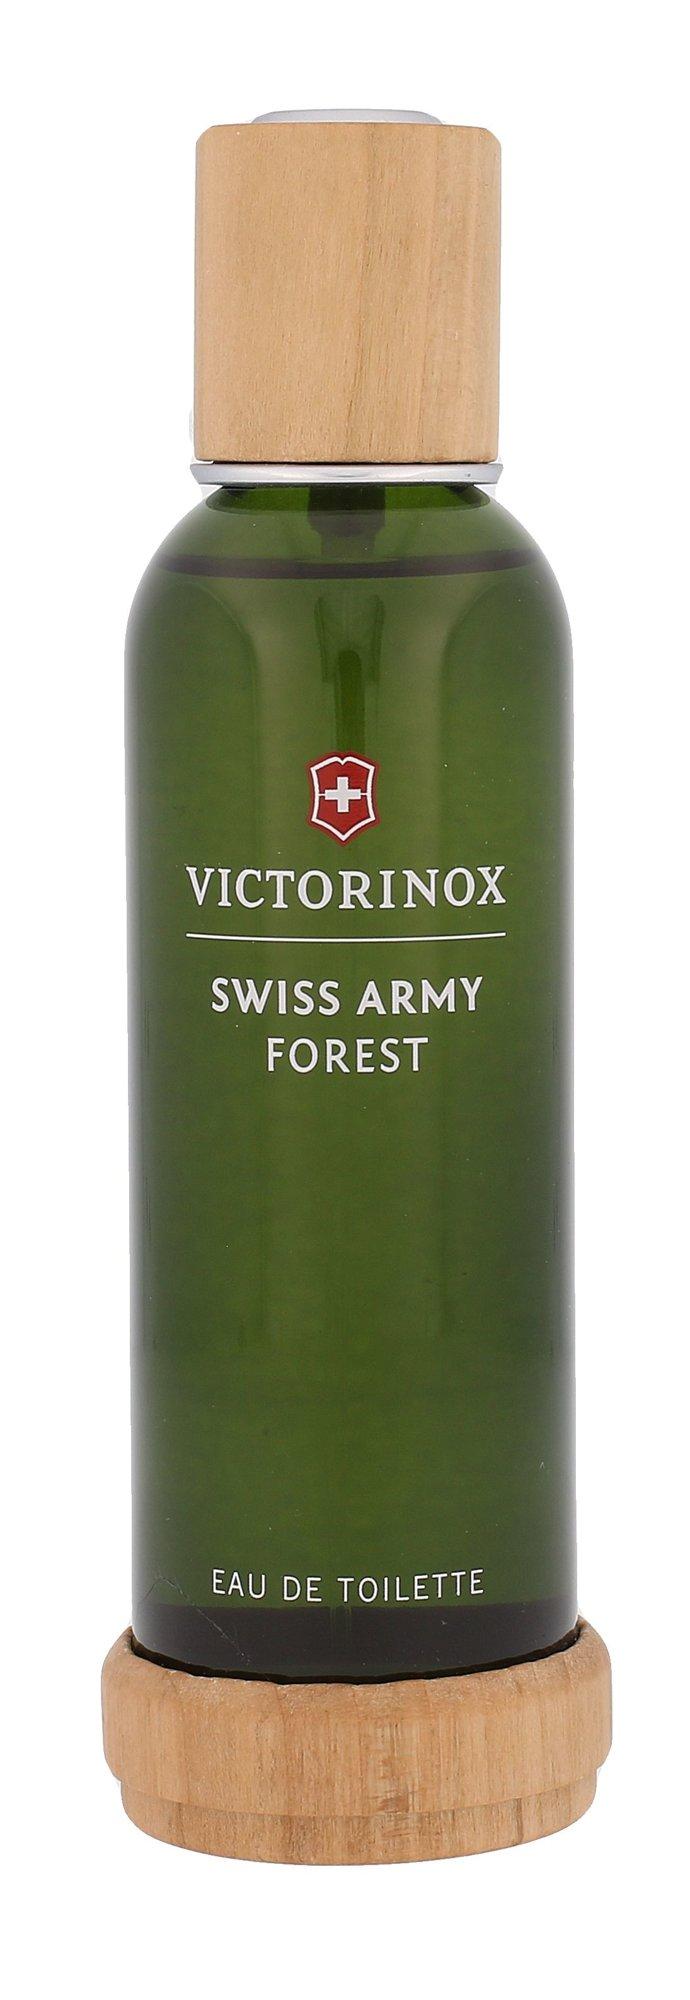 Swiss Army Swiss Army Forest EDT 100ml